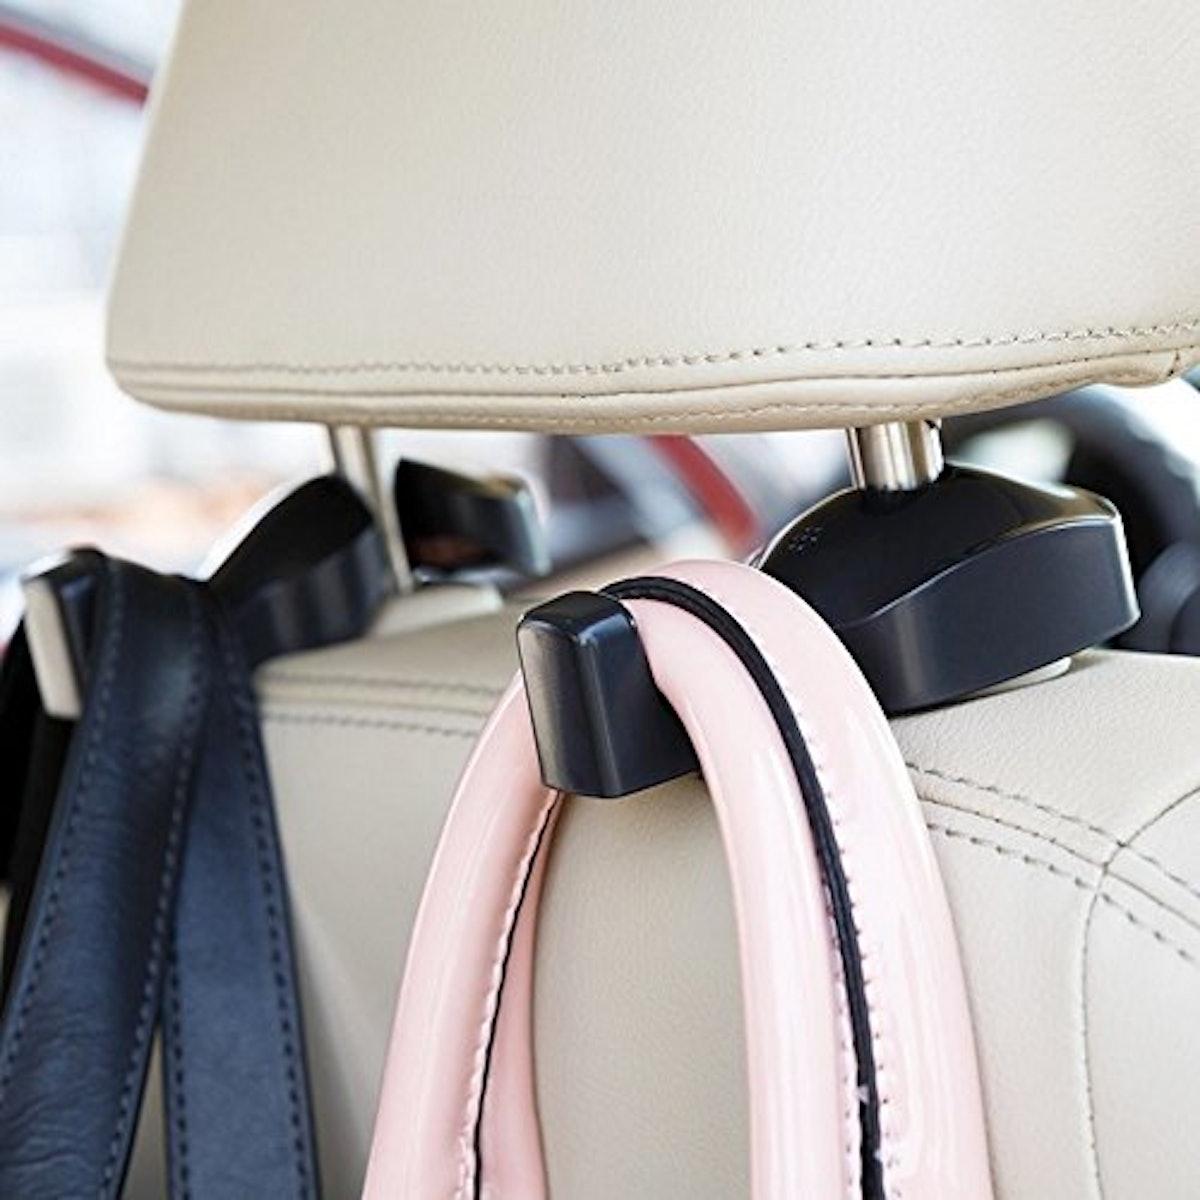 IPELY Universal Car Vehicle Back Seat Headrest Hanger Holder